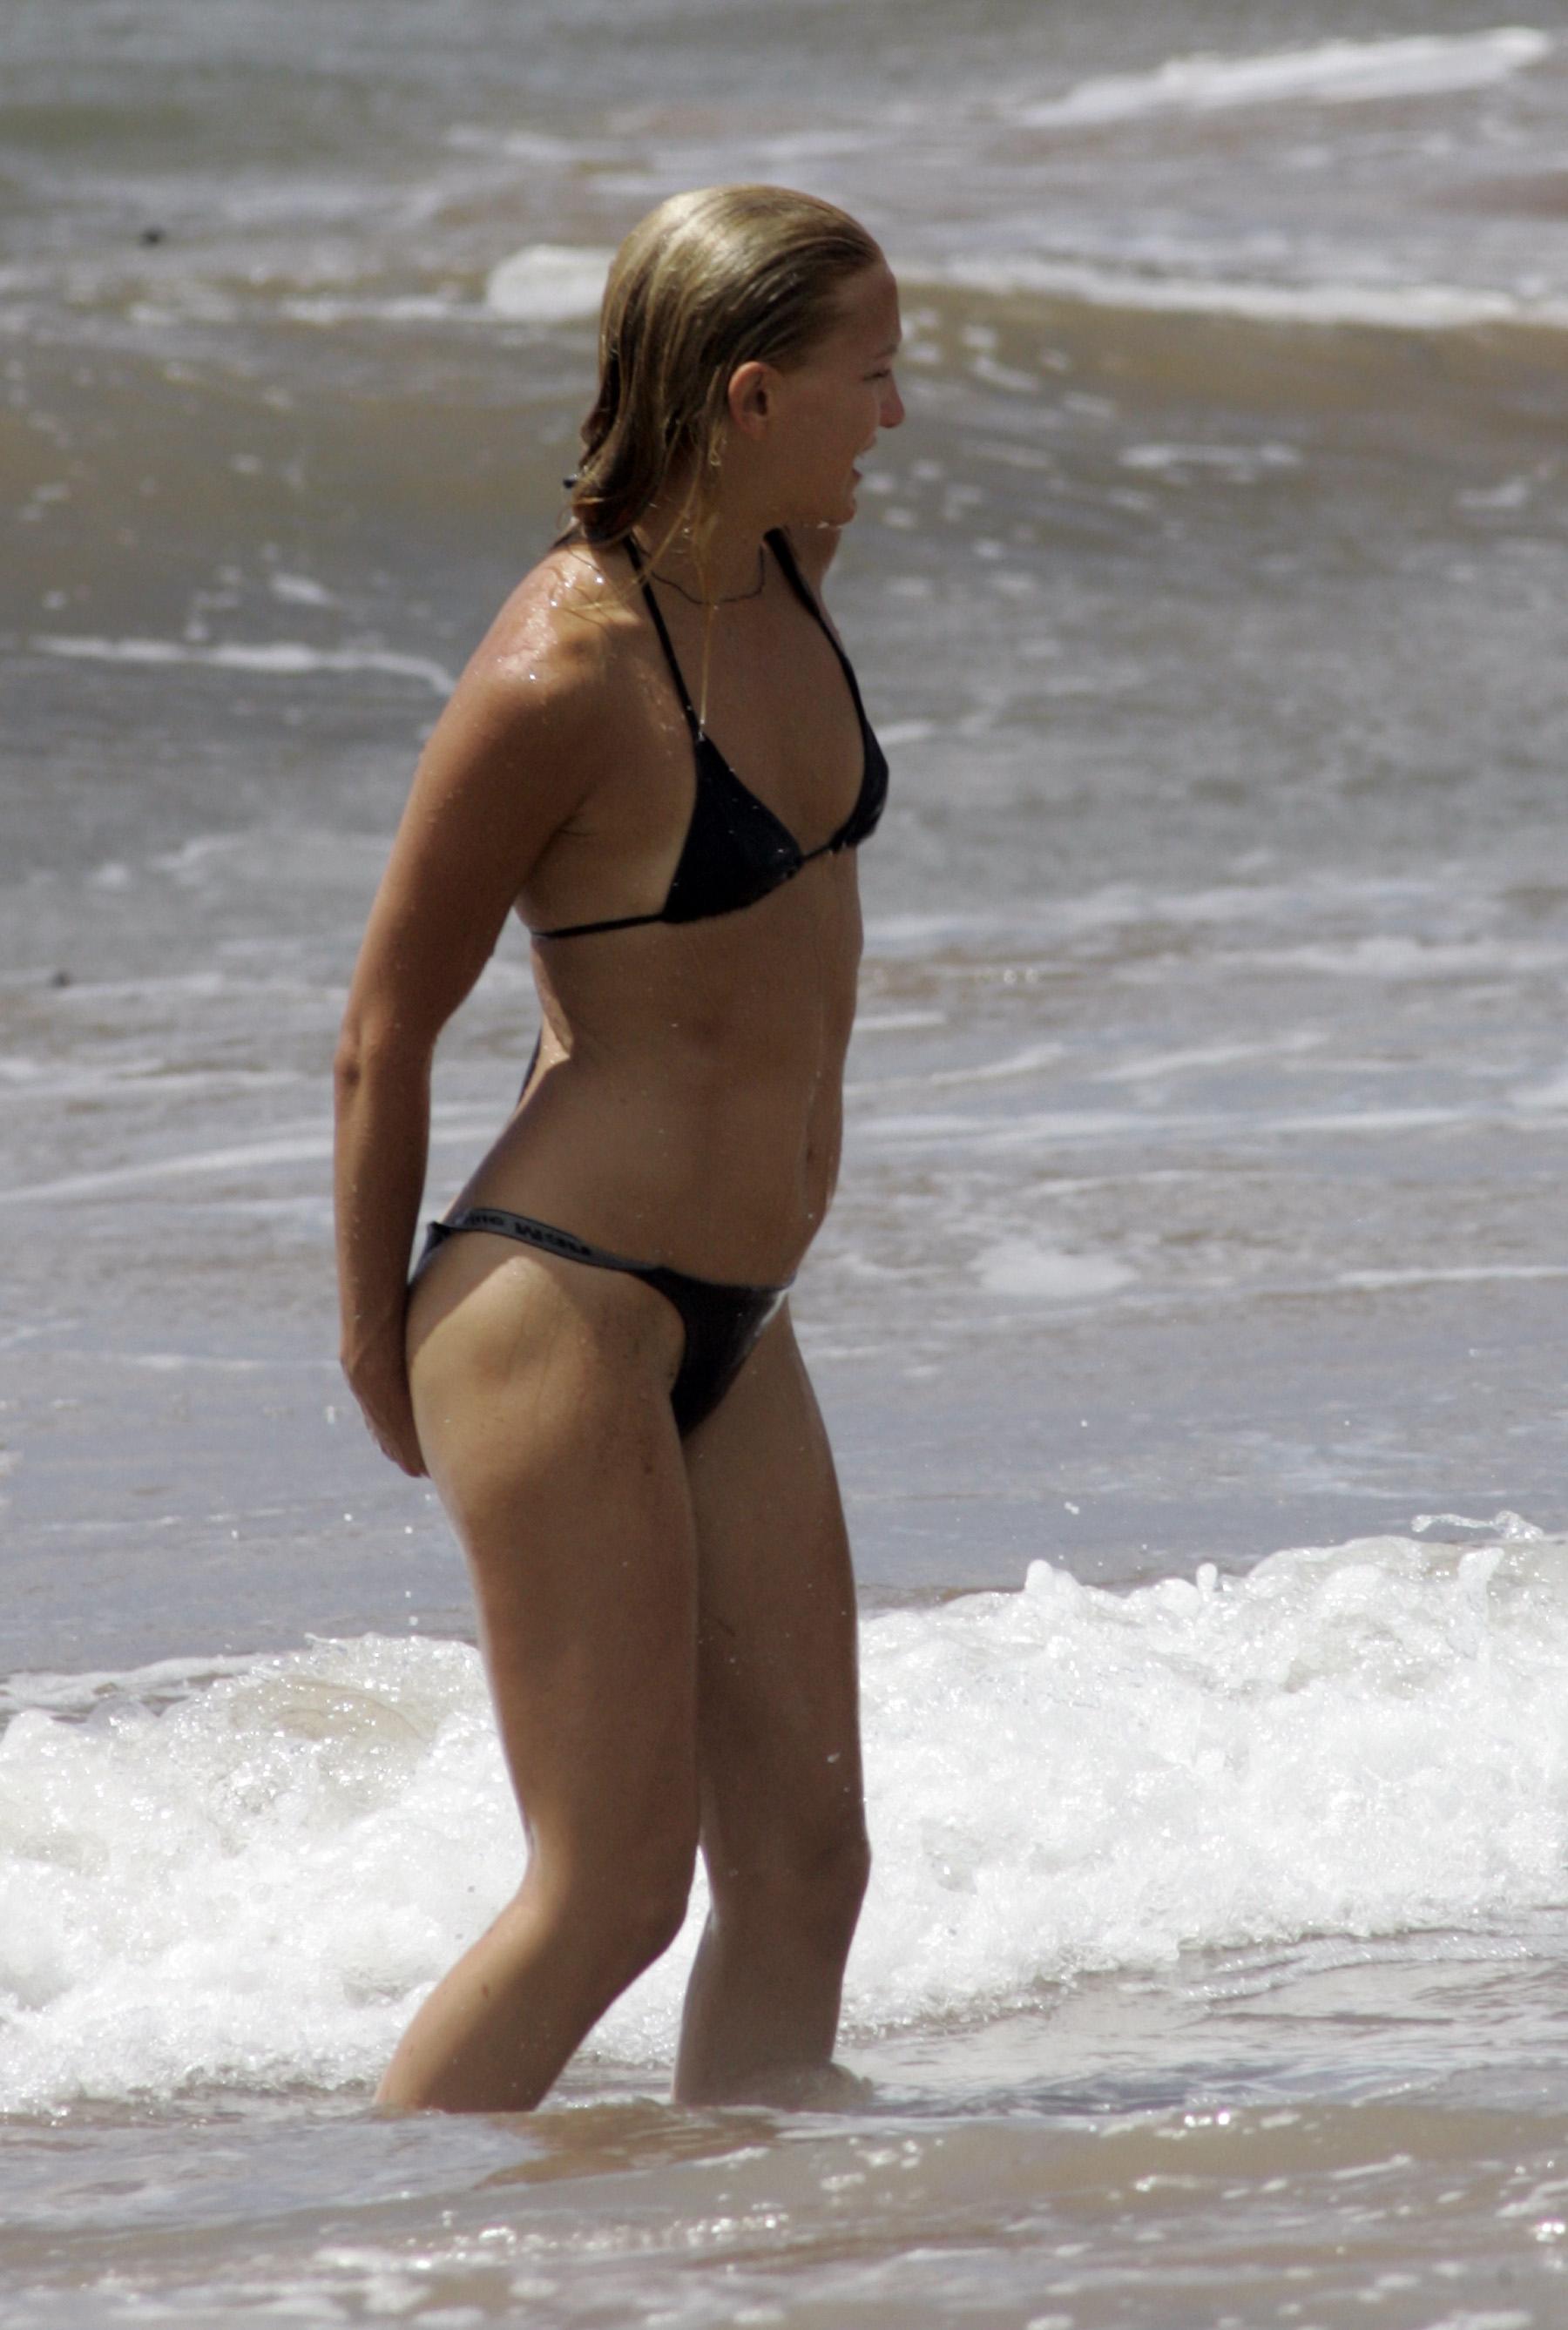 Kate Hudson And A Sexy Bikini  Bikinibutts Celebs And -6357